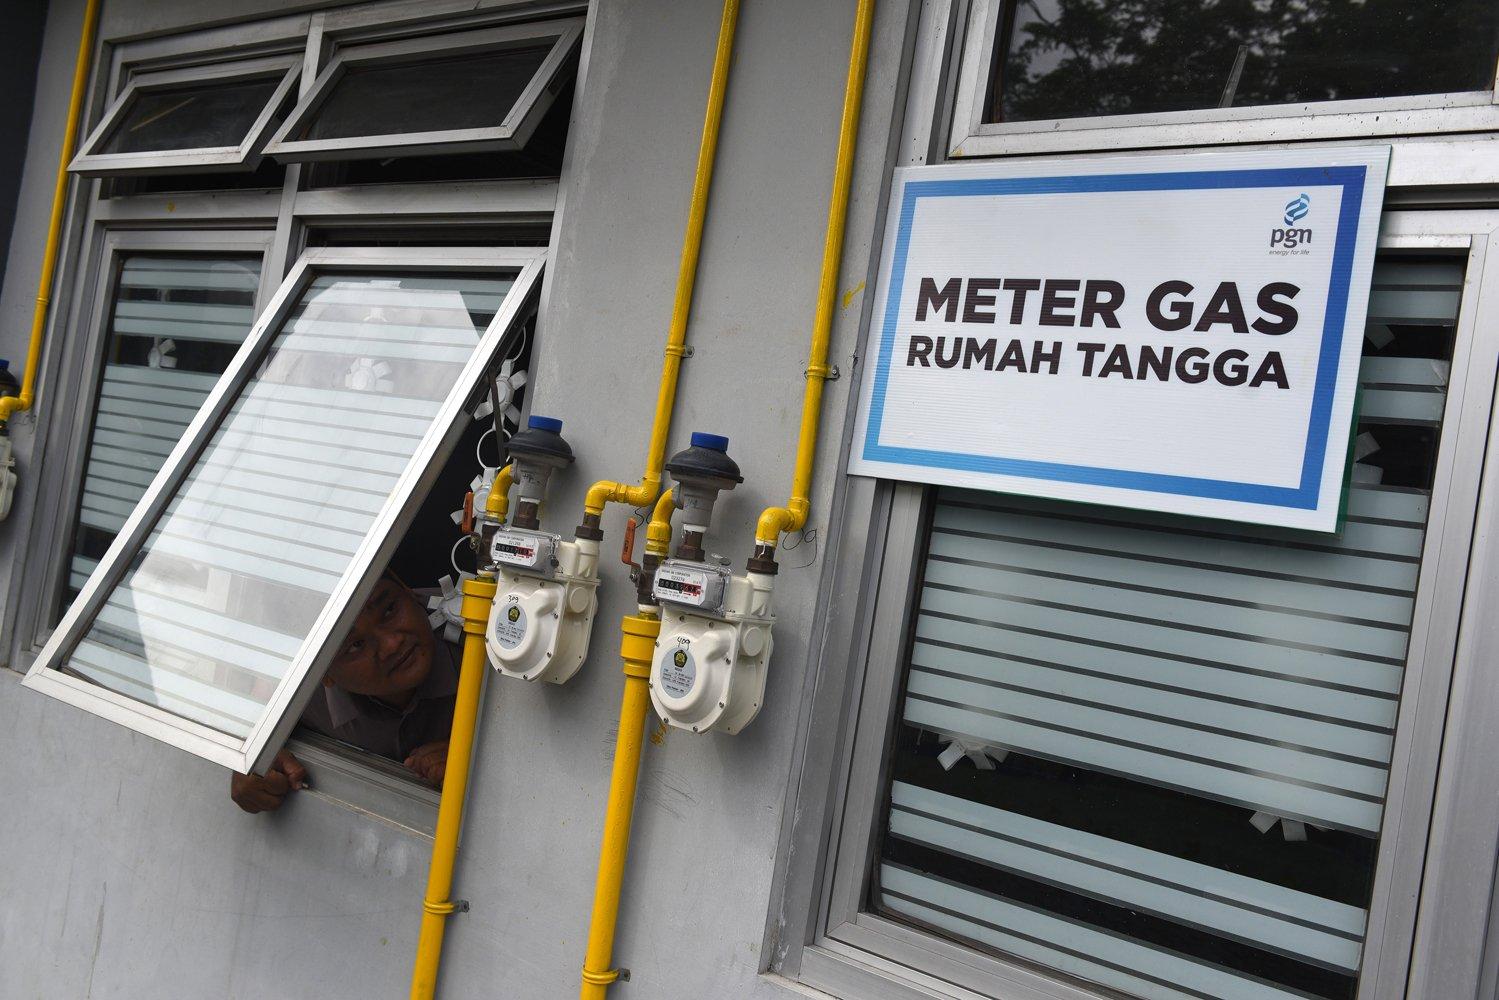 Seorang warga mengamati meteran gas yang terpasang di dinding rumahnya di salah satu rumah susun di Surabaya, Jawa Timur.